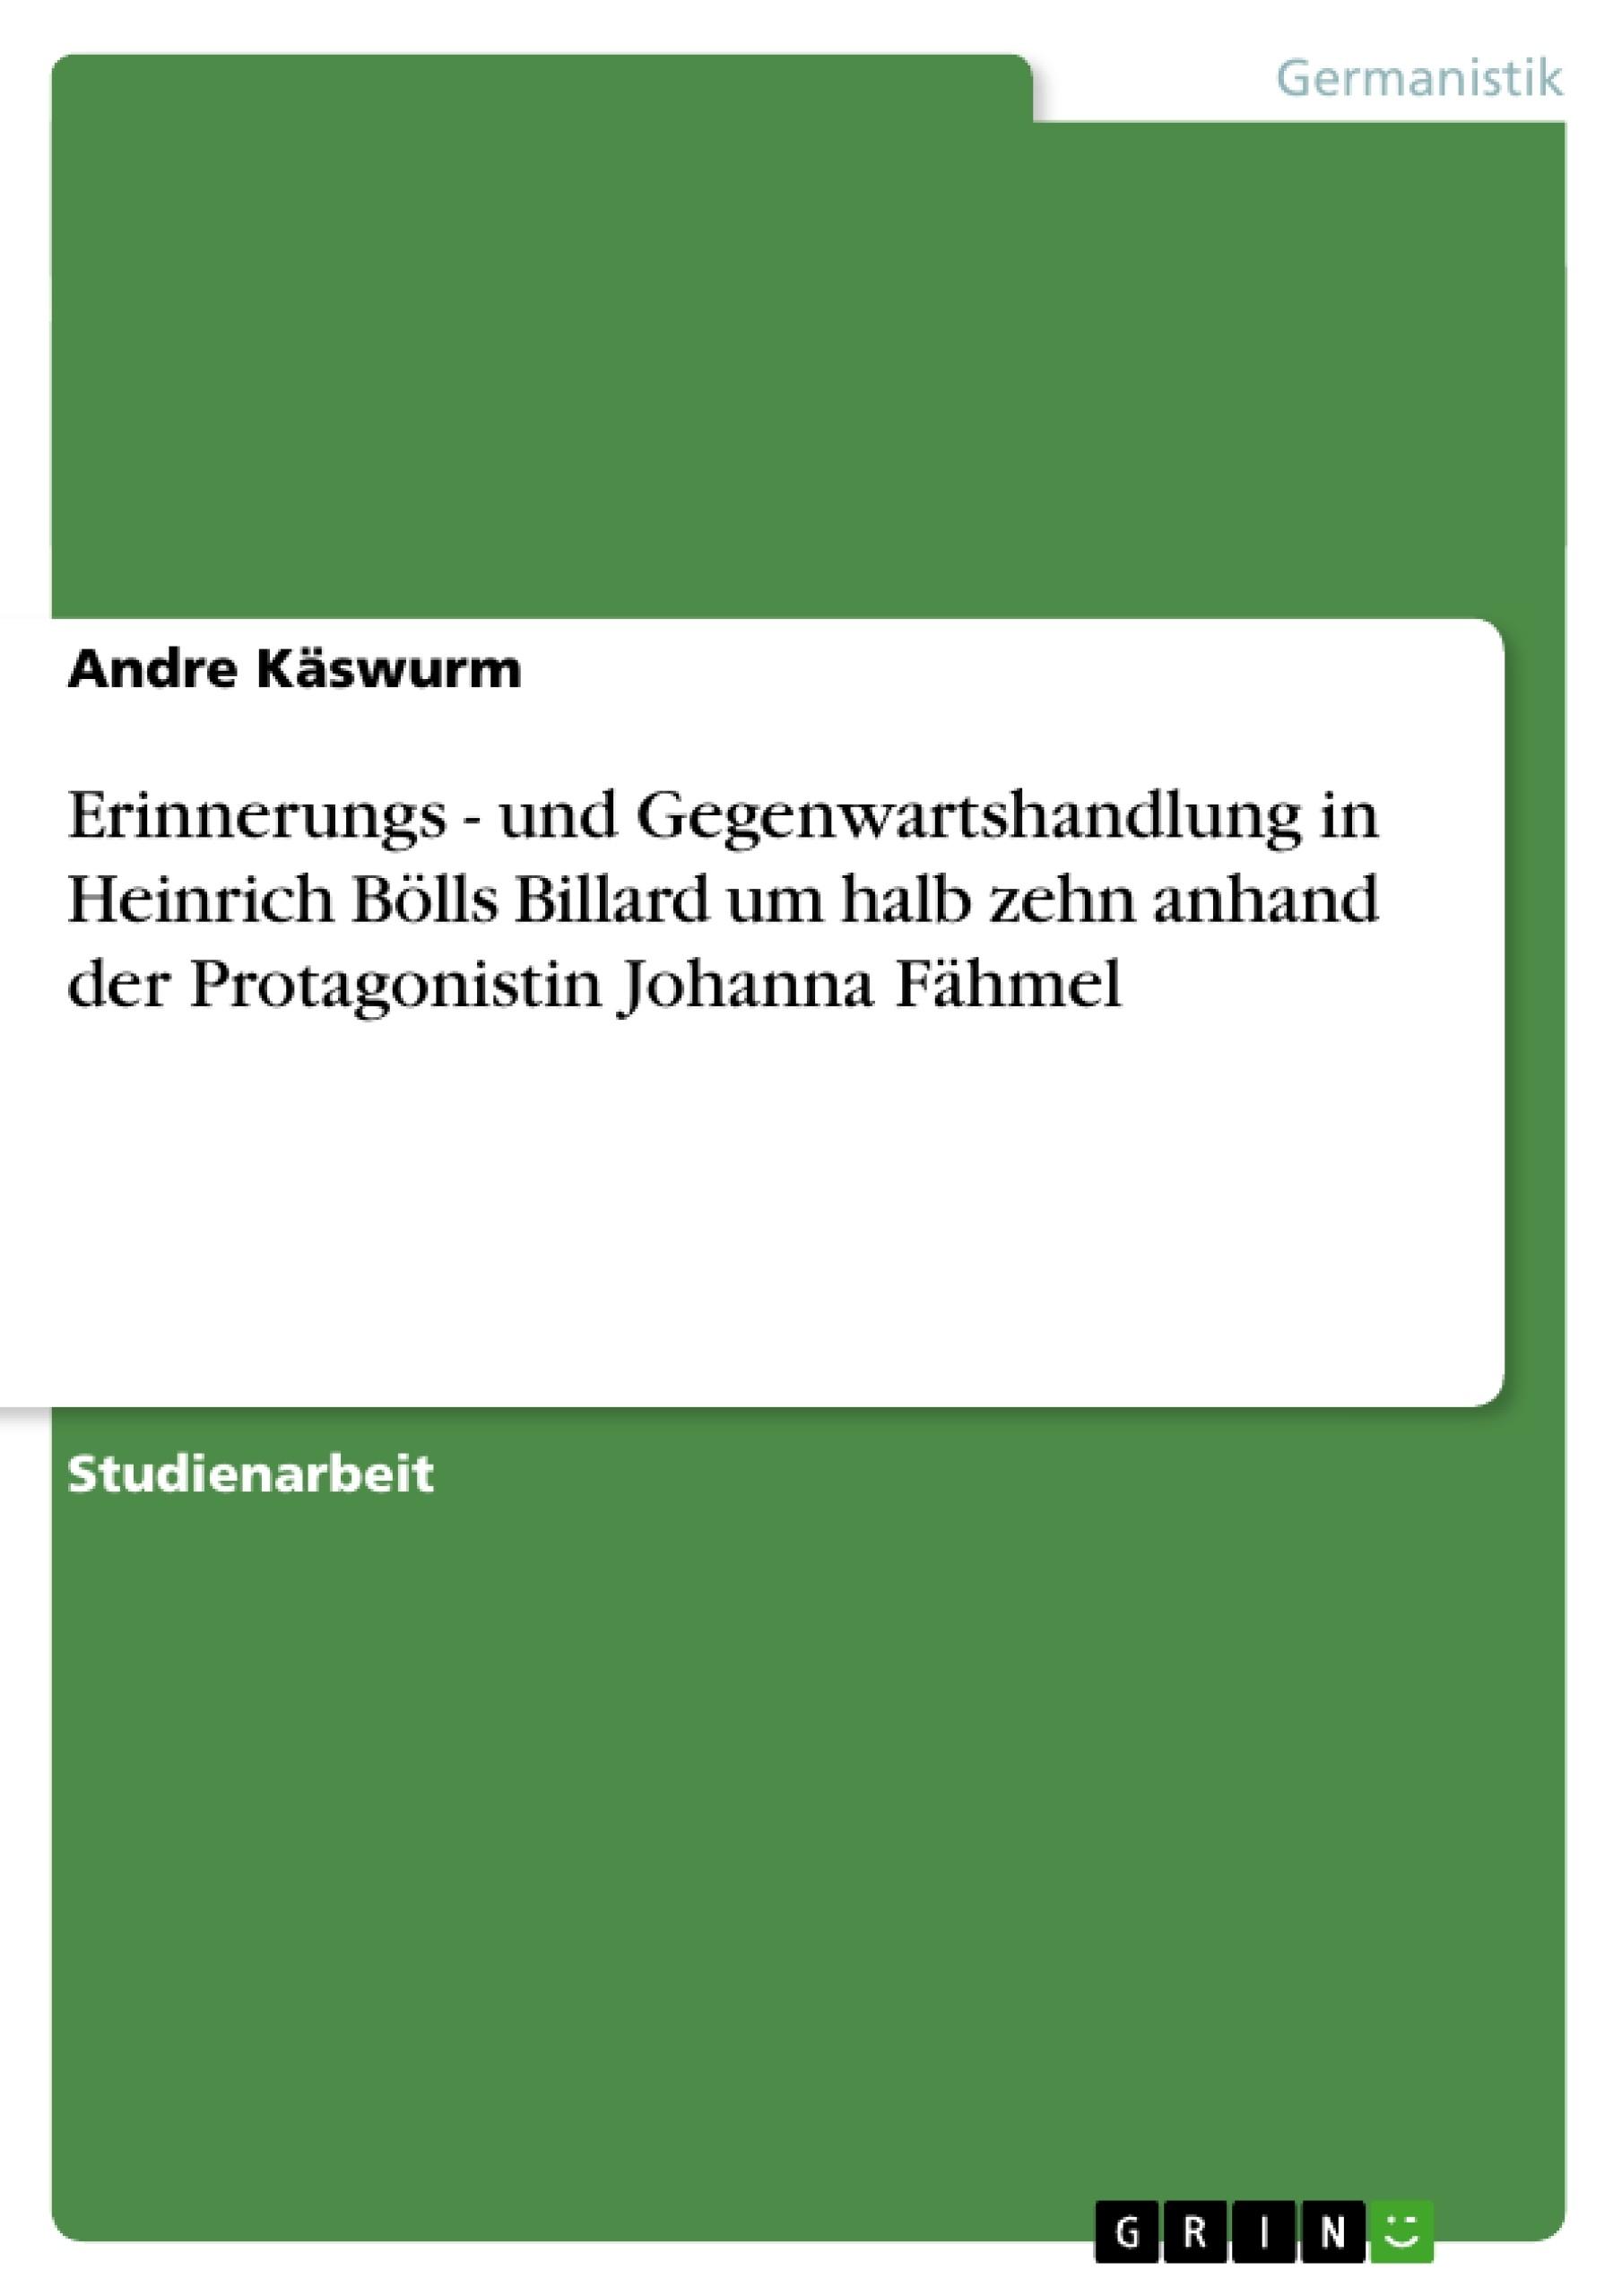 Titel: Erinnerungs - und Gegenwartshandlung in Heinrich Bölls  Billard um halb zehn  anhand der Protagonistin Johanna Fähmel